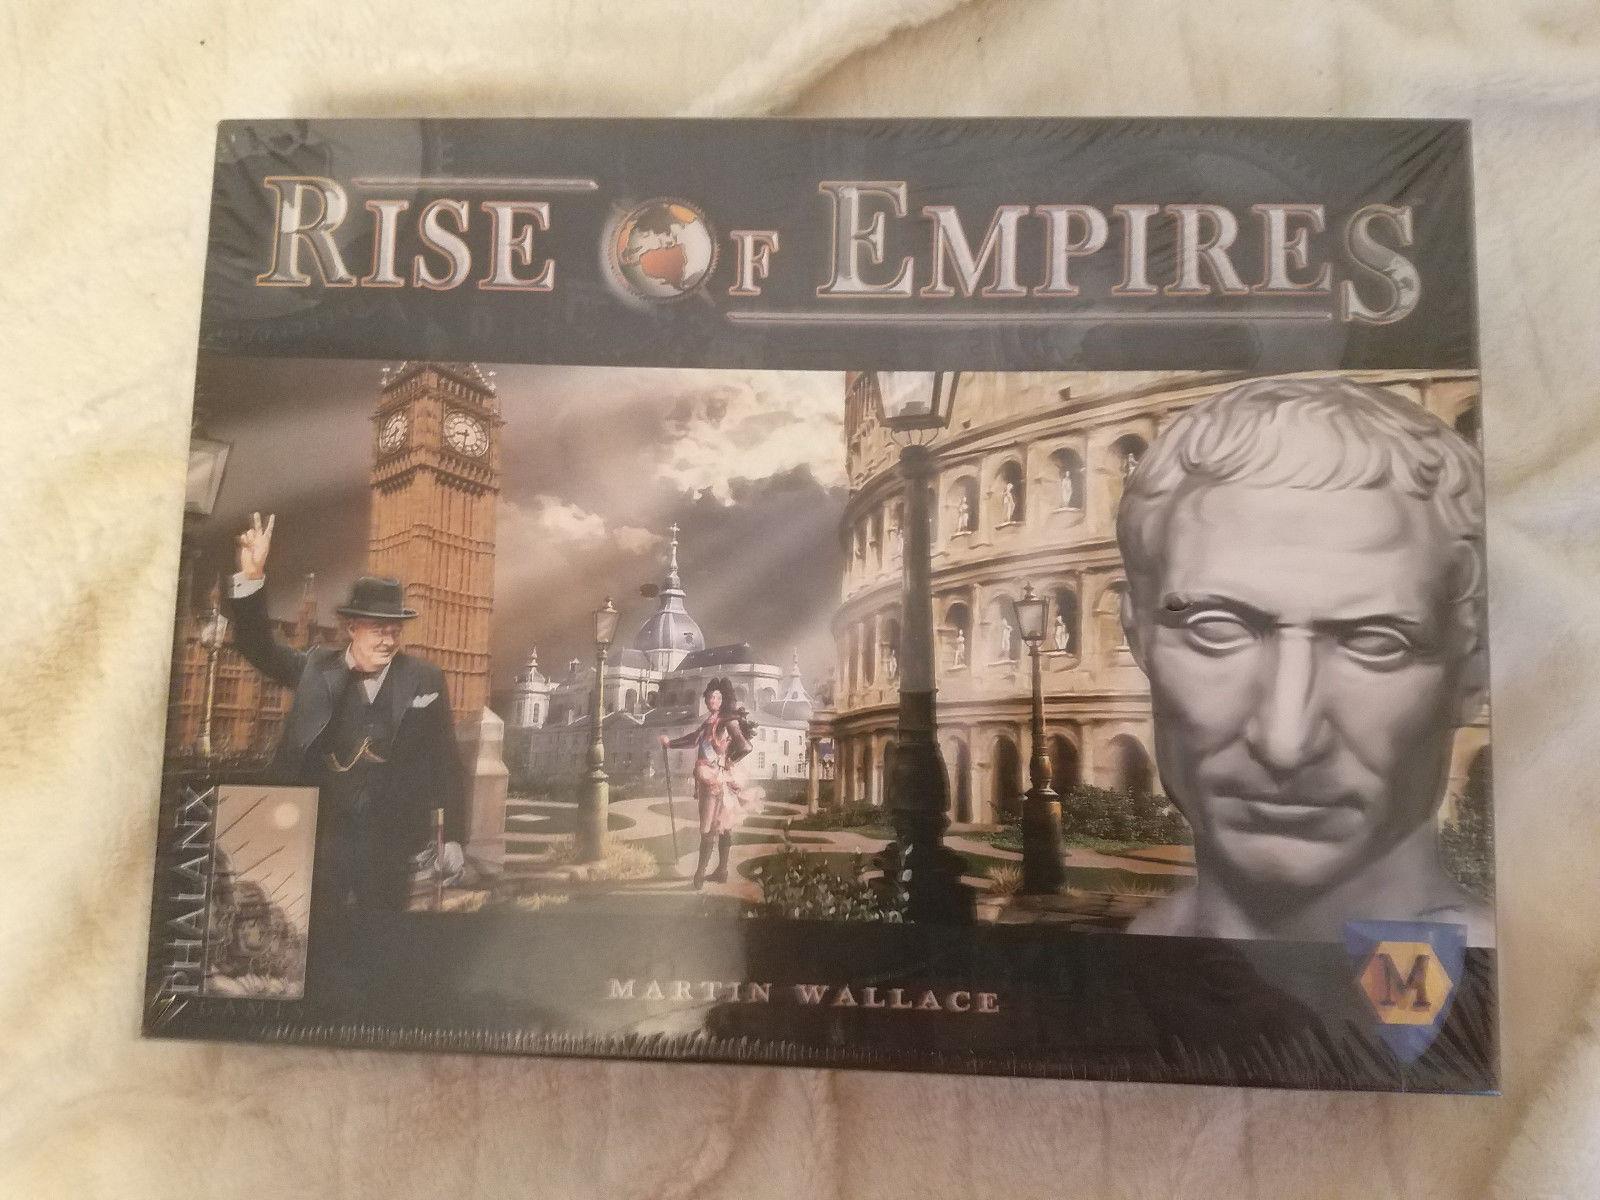 Rise of empires juego 2009 sellado de fábrica juego de mesa guerra Mayfair Martin Wallace